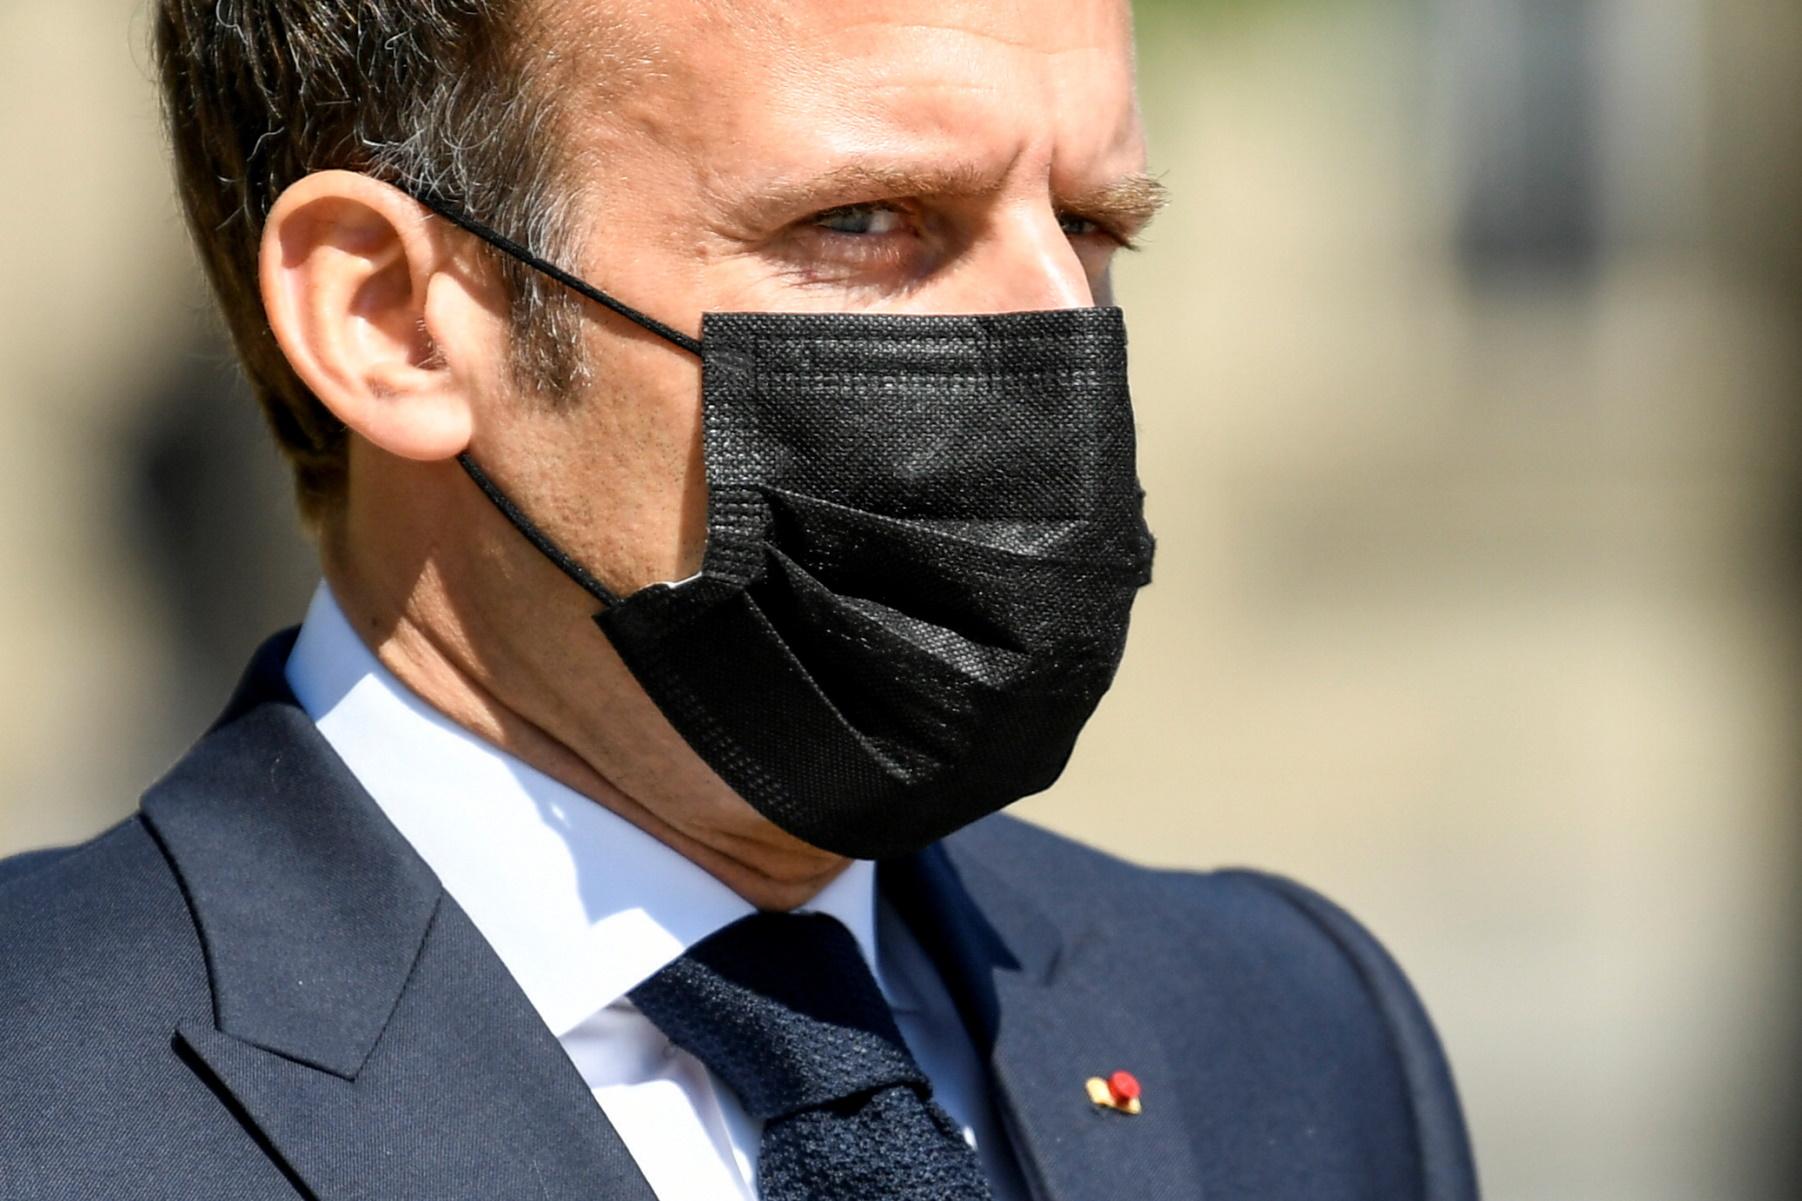 Με εντολή Μακρόν συνελήφθησαν τα πρώην μέλη των Ερυθρών Ταξιαρχιών που κρύβονταν στη Γαλλία (pic, vid)